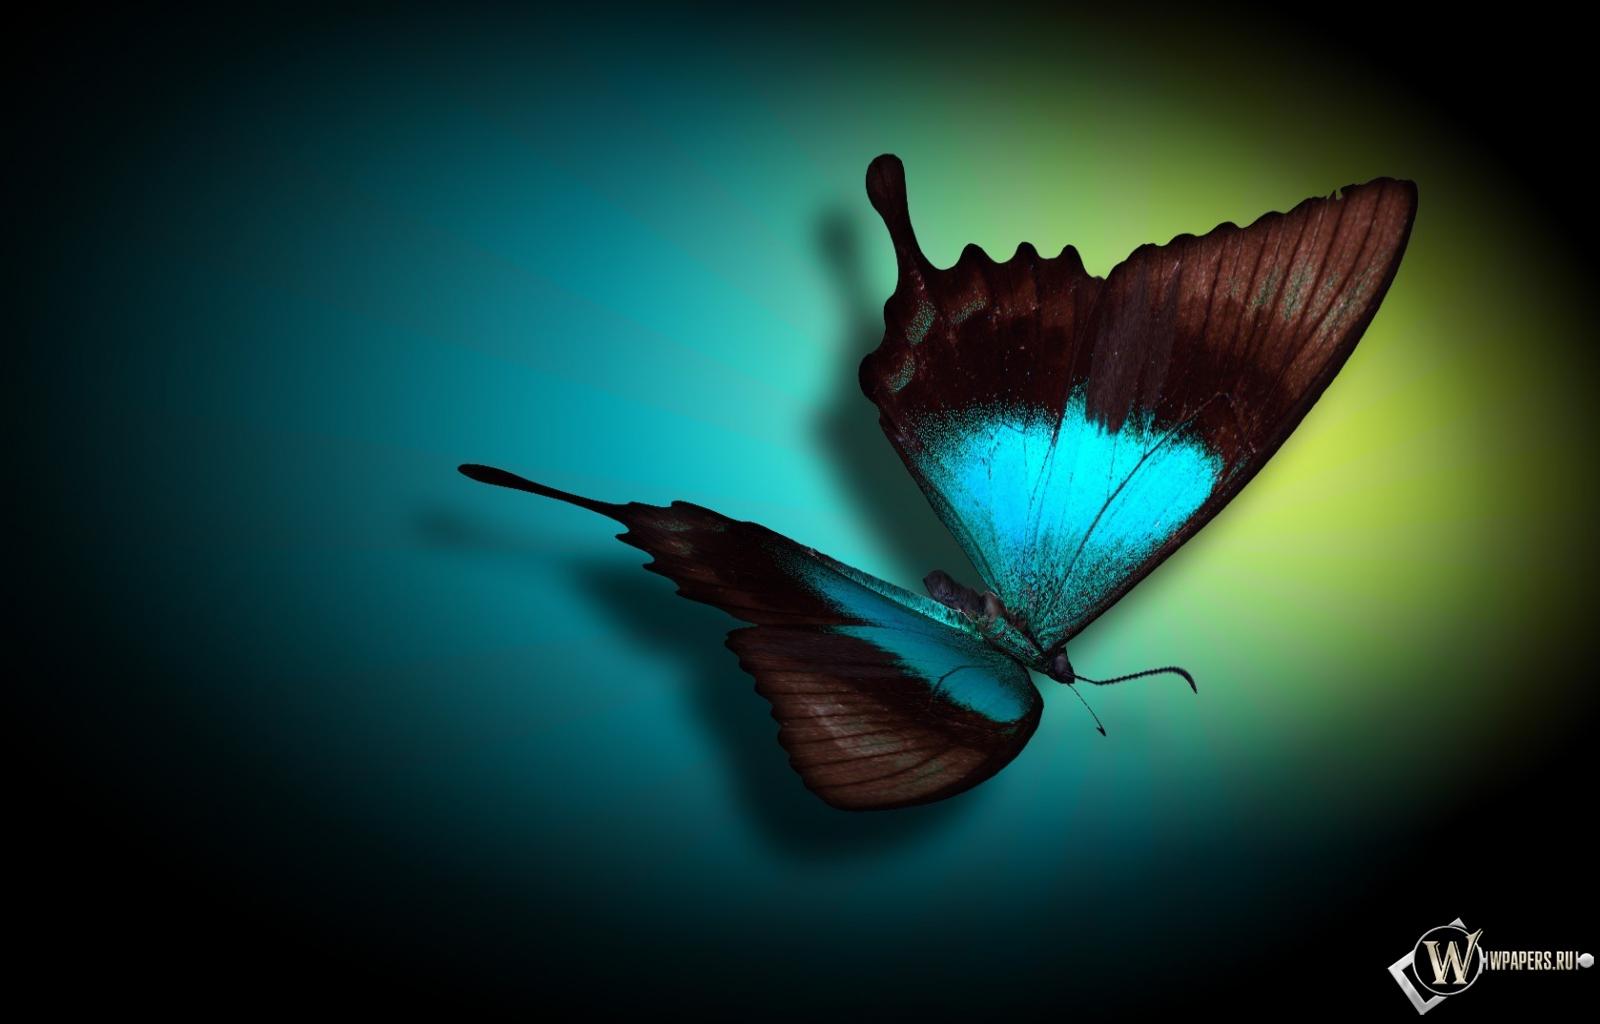 Бабочка 1600x1024